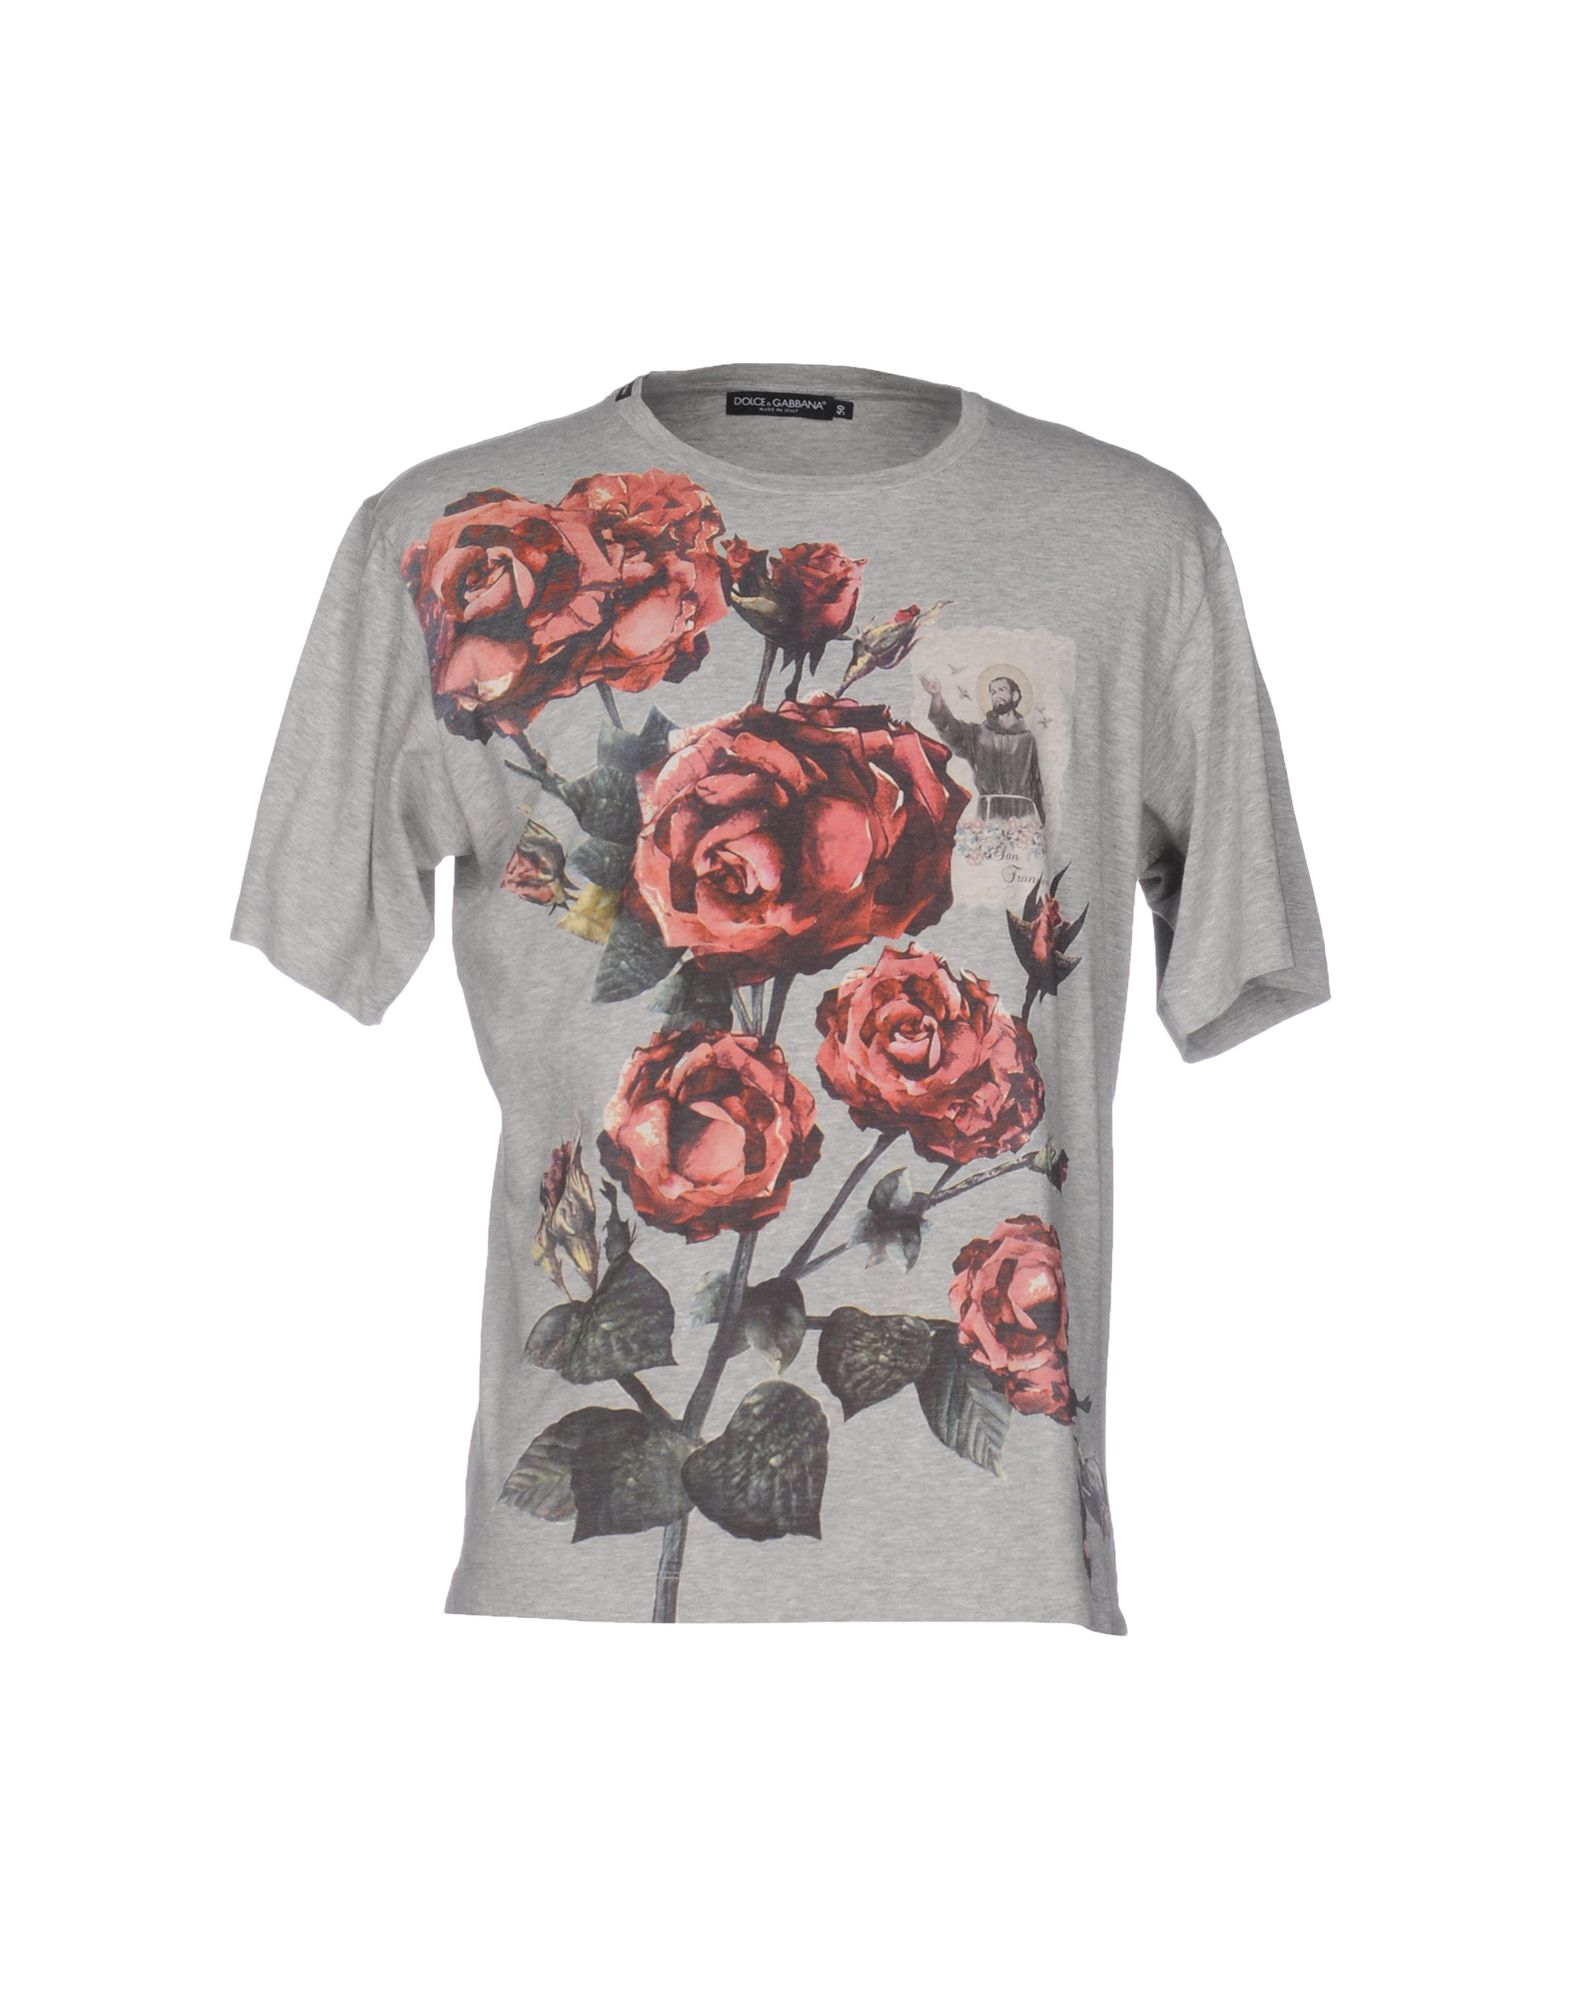 Dolce   Gabbana T-Shirt - Dolce   Gabbana Uomo - YOOX 05645b40ab3